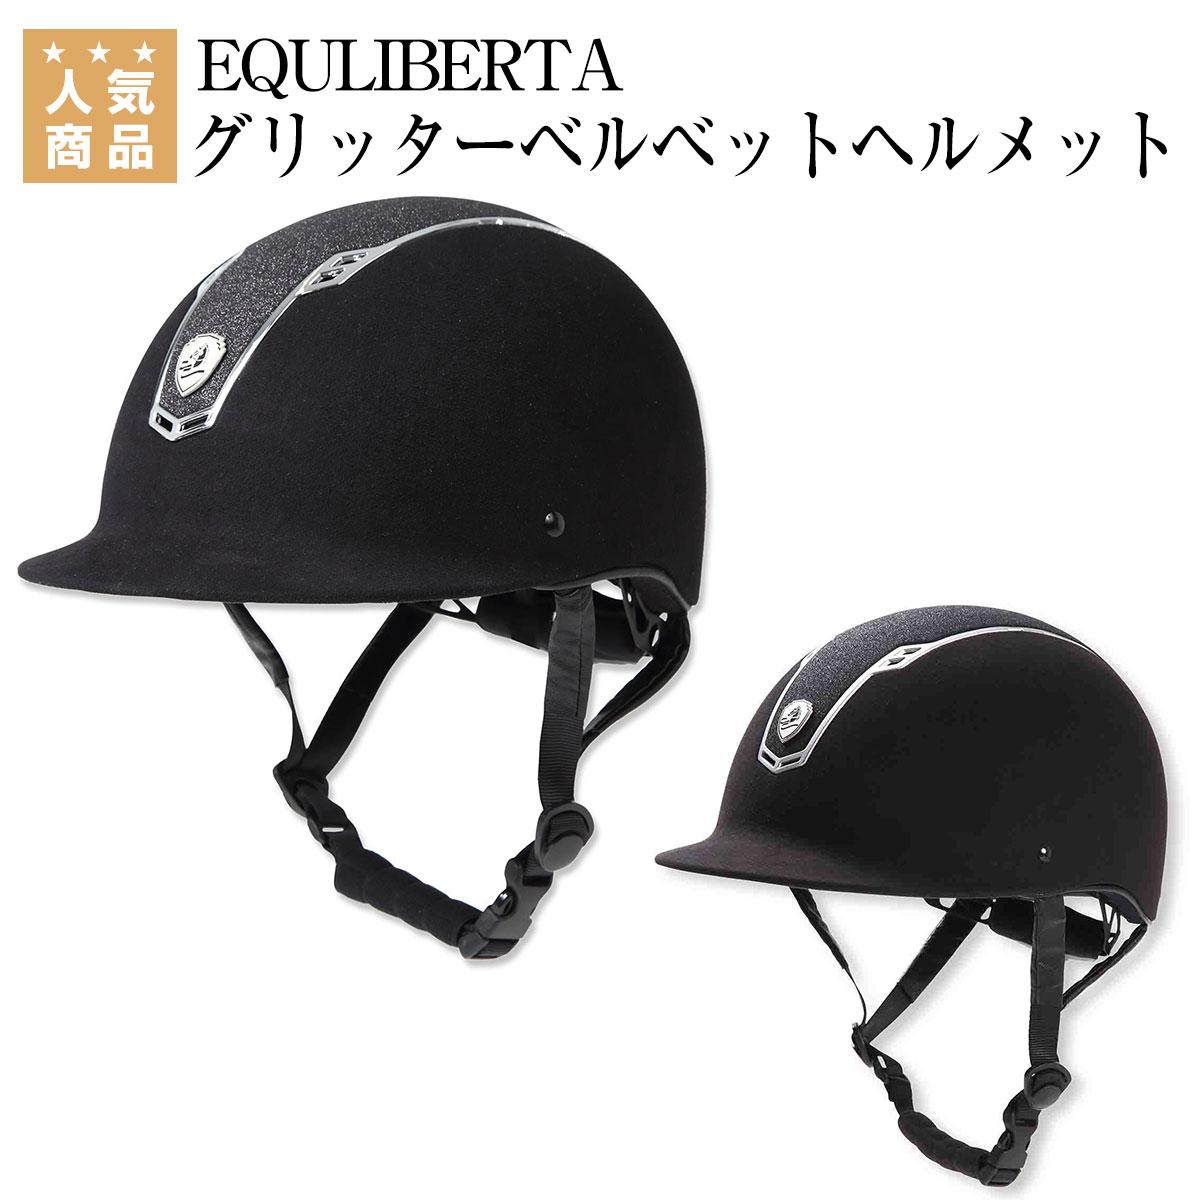 【月間優良ショップ】乗馬用品 ヘルメット レディース メンズ ジュニア 送料無料 サイズ調整 乗馬ヘルメット 収納バッグ付 キャップ 安全 帽子 乗馬帽 初心者 ビギナー 競技 エクリベルタ | EQULIBERTA グリッターベルベット ダイヤル調整ヘルメット